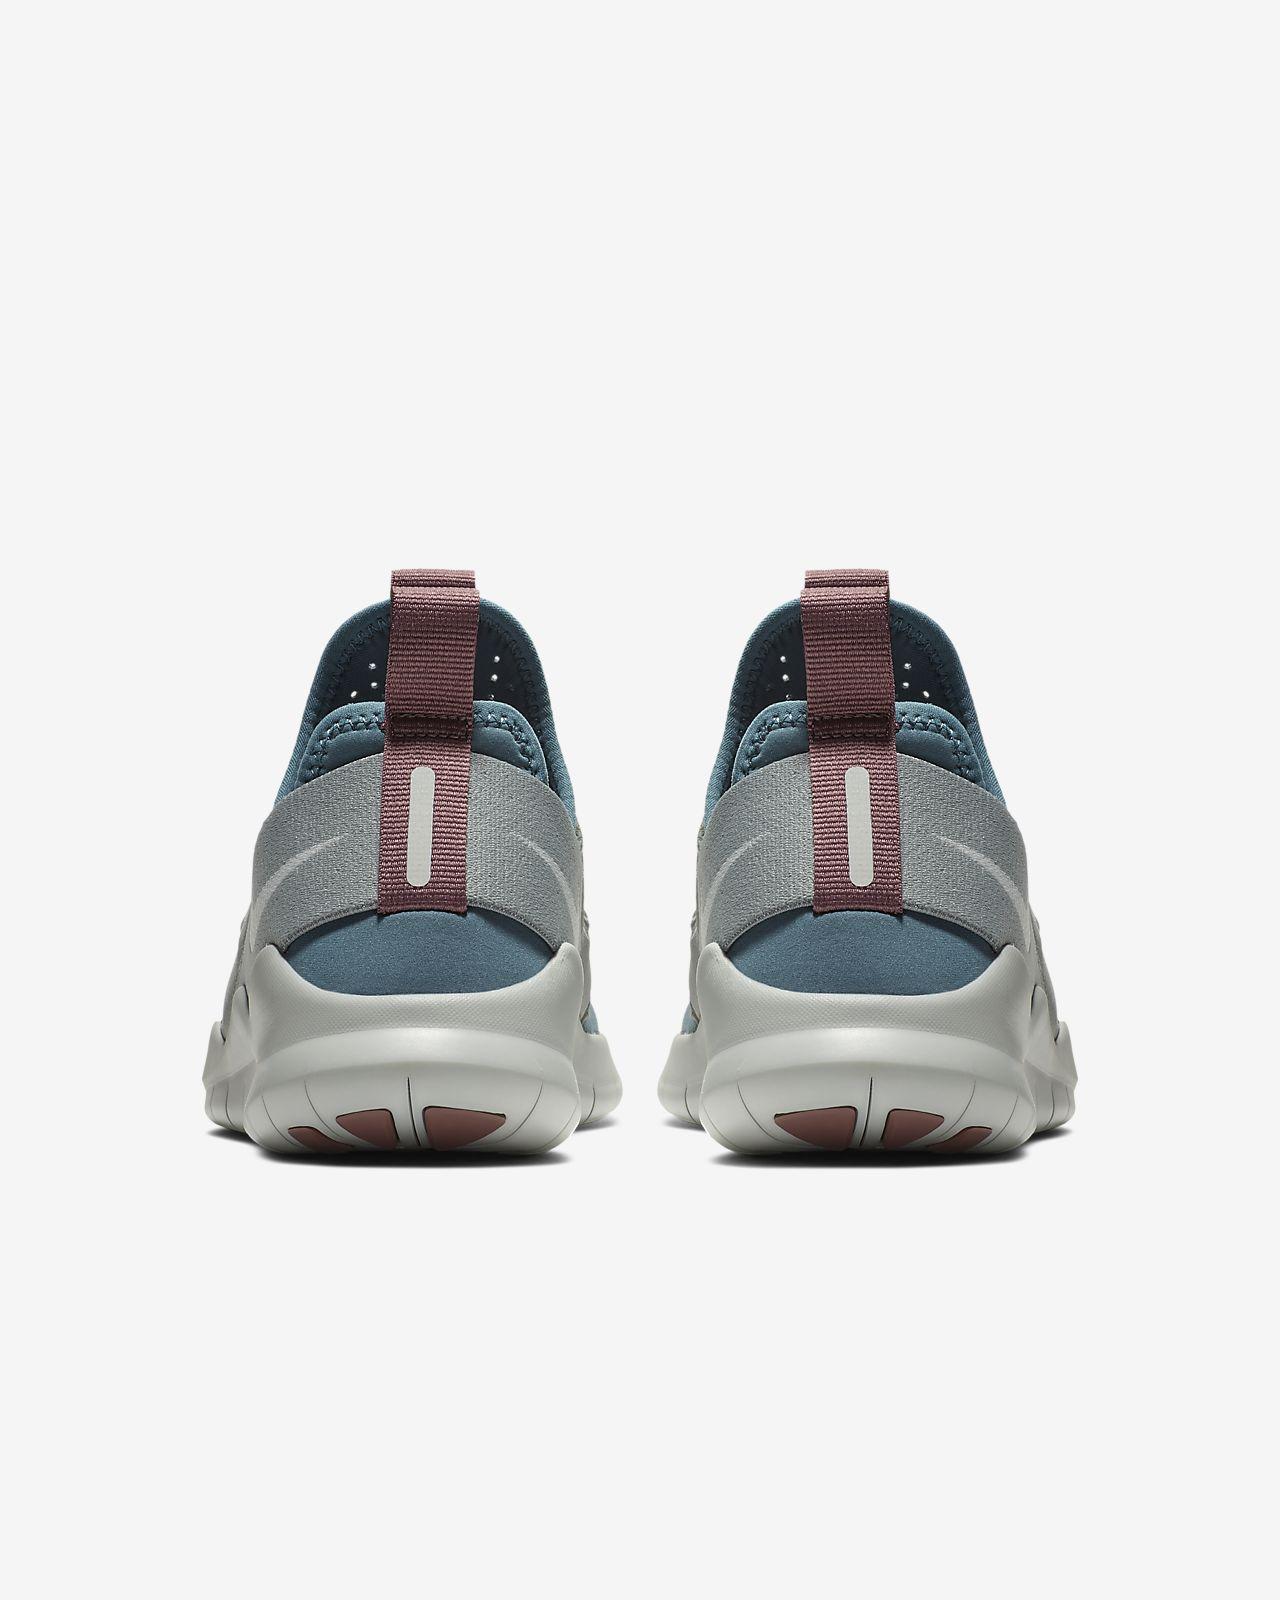 1d63961a3f273 Nike Free RN Commuter 2018 Women s Running Shoe. Nike.com